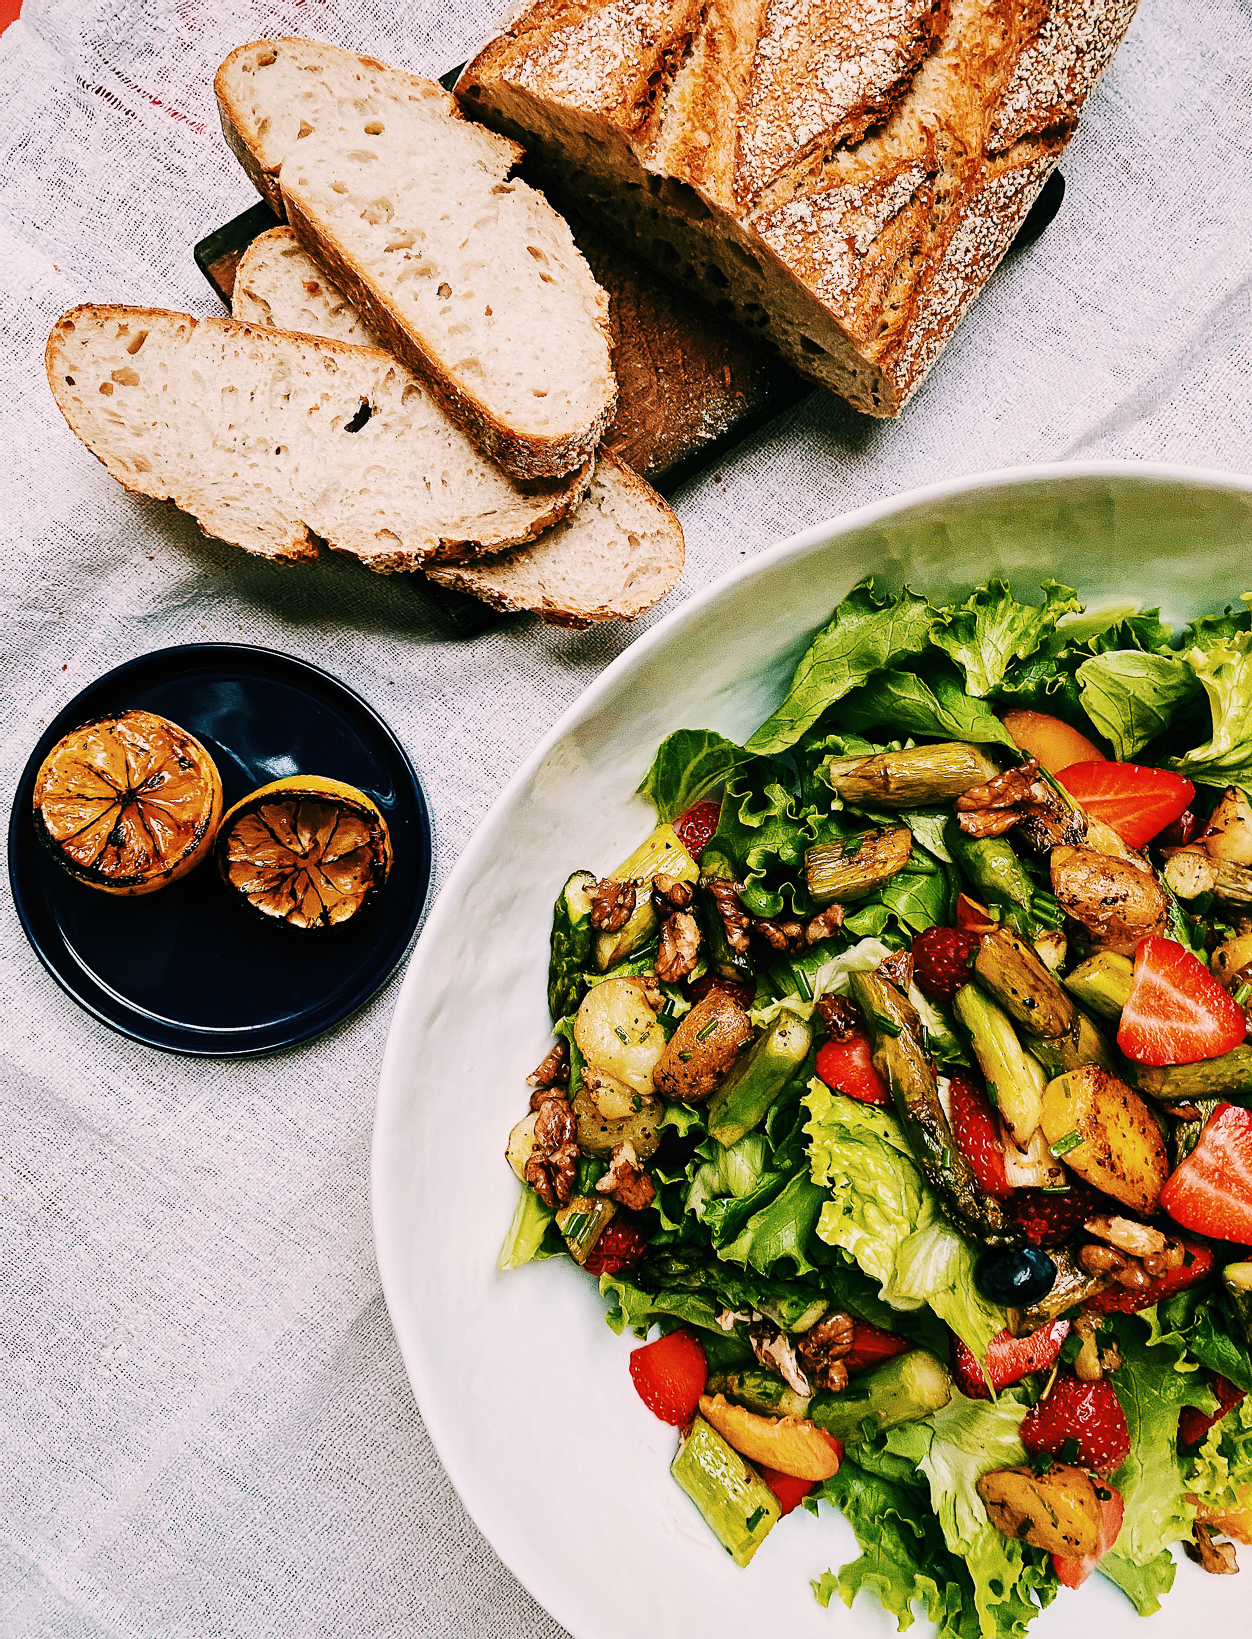 Grüner Salat mit Spargel, Beeren und Nüssen